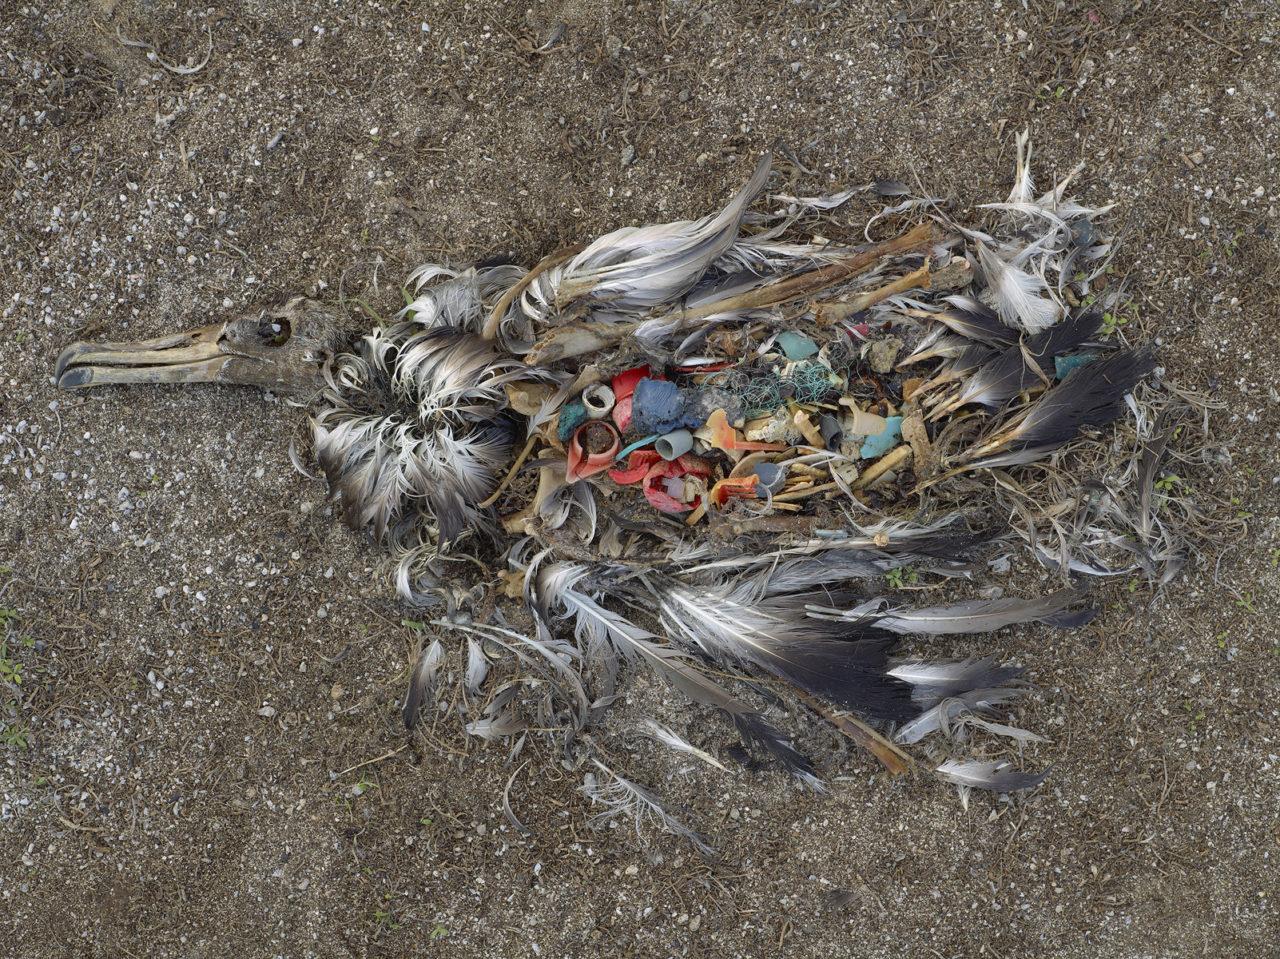 albatross_chick_ocean_plastic_chris_jordan